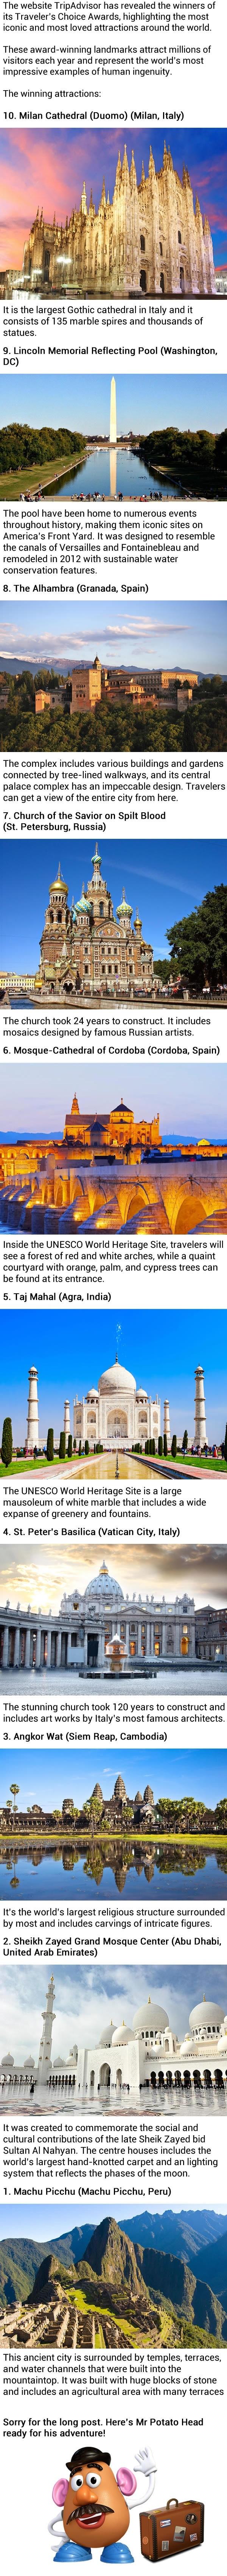 Most beloved landmarks around the world